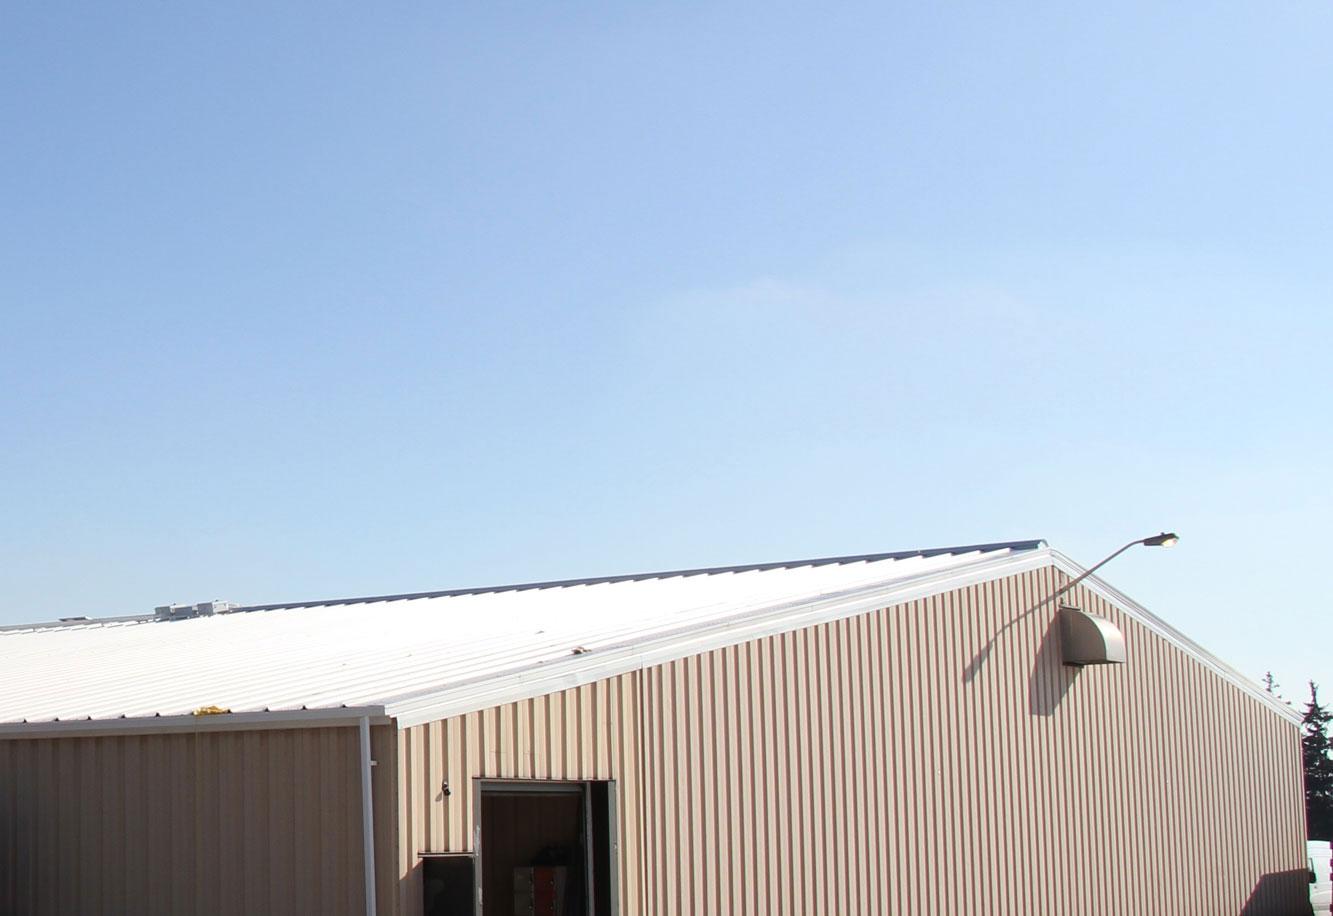 South Dumfries Community Centre